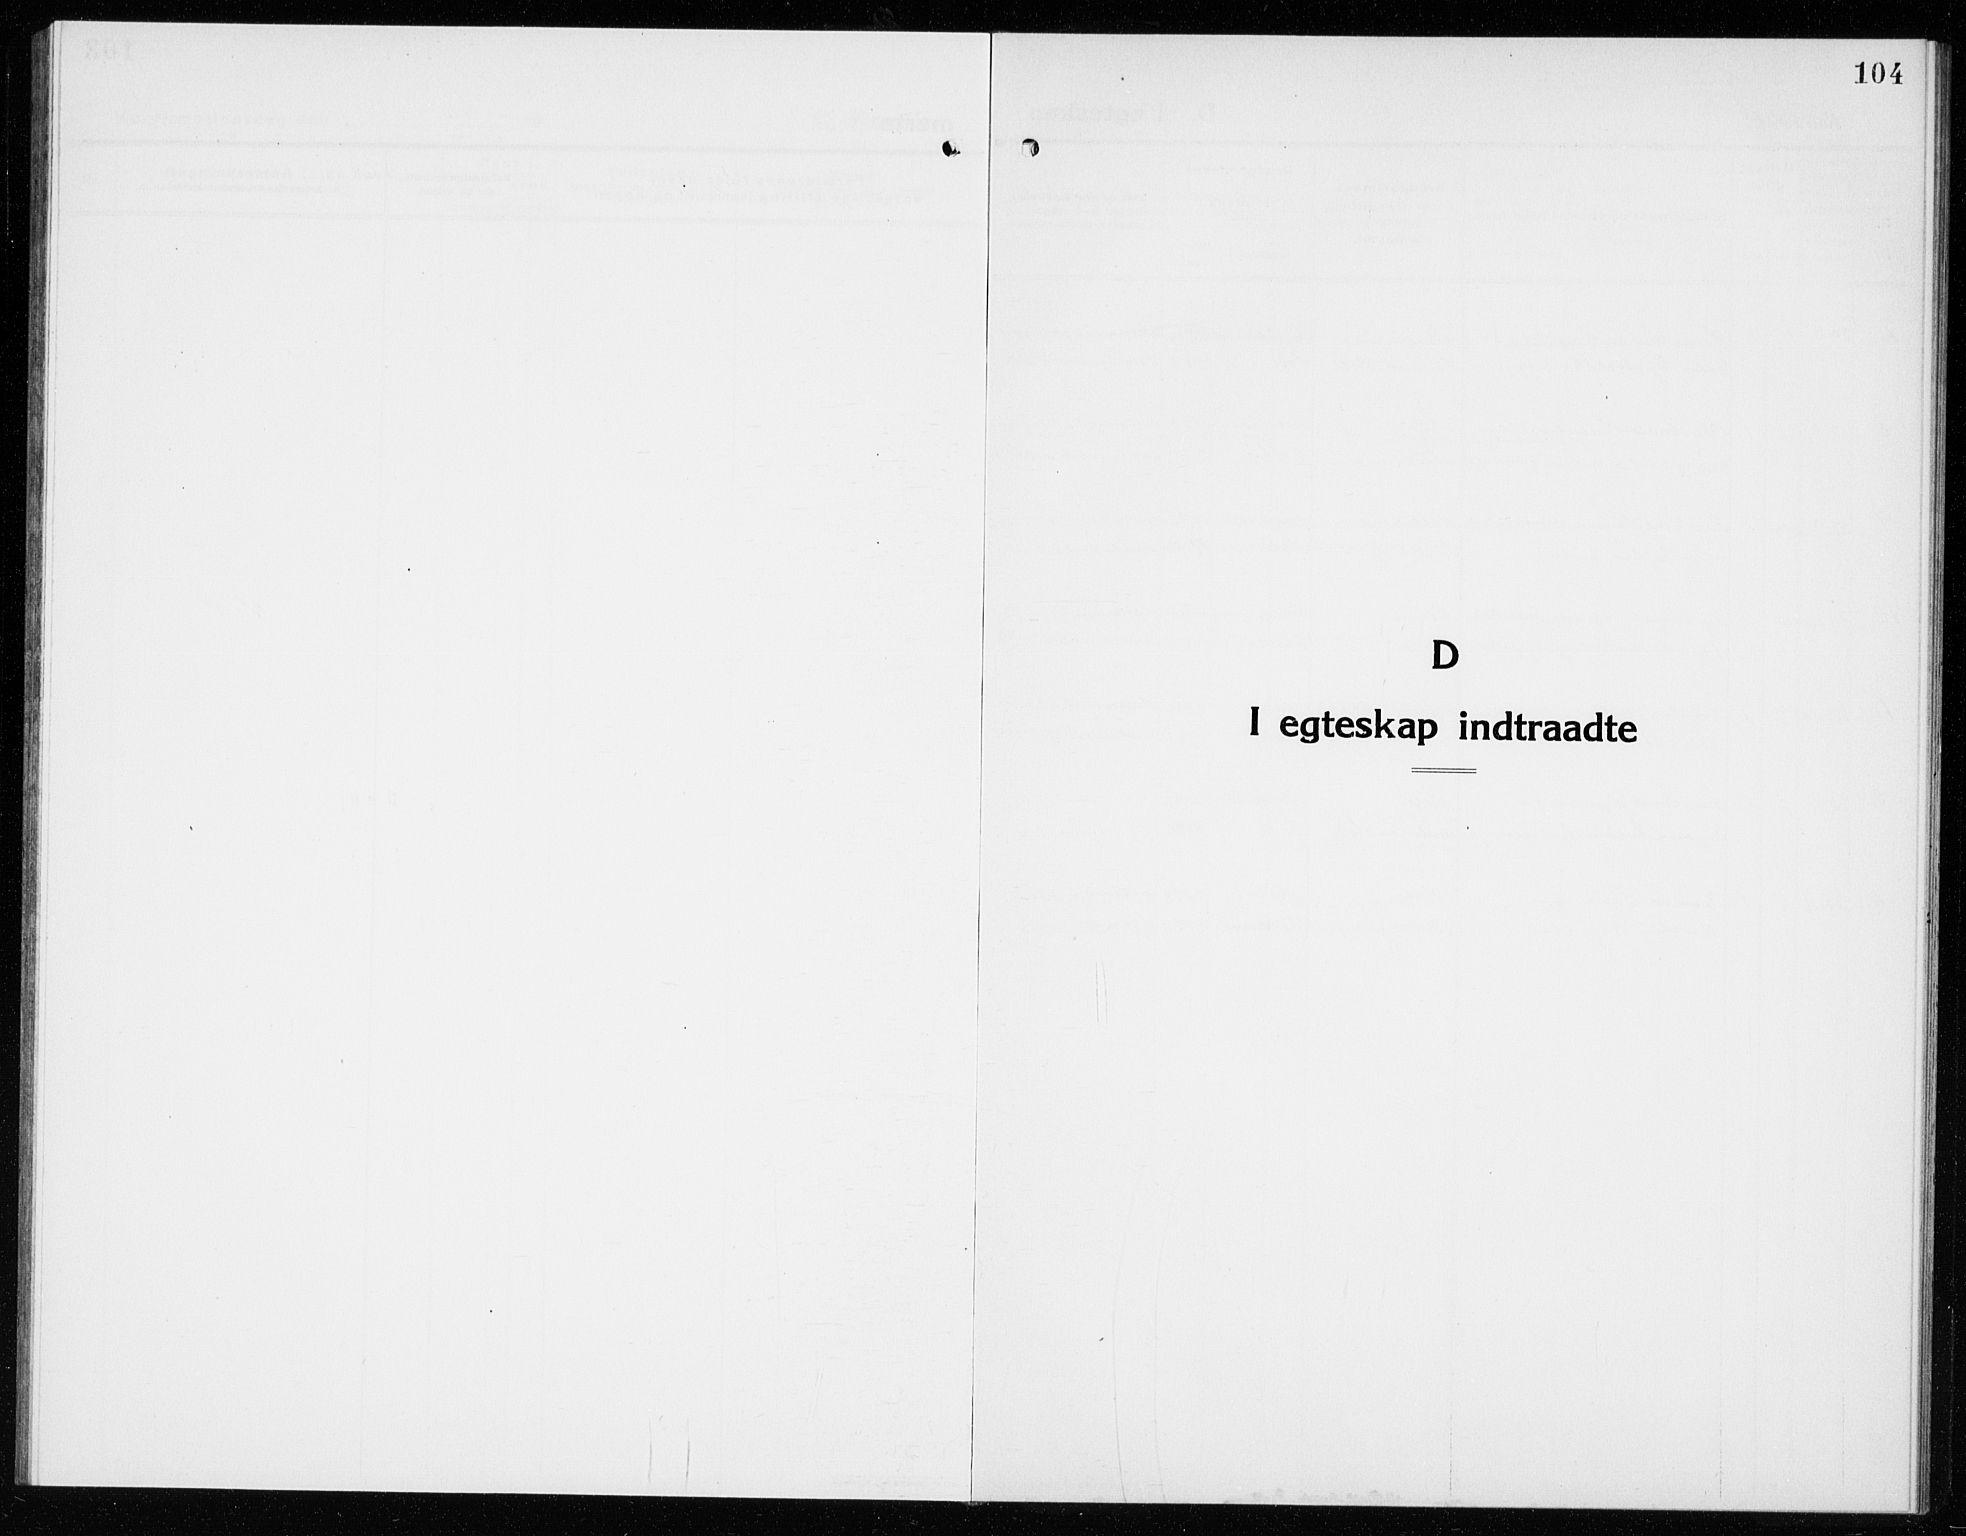 SAKO, Hole kirkebøker, G/Ga/L0005: Klokkerbok nr. I 5, 1924-1938, s. 104